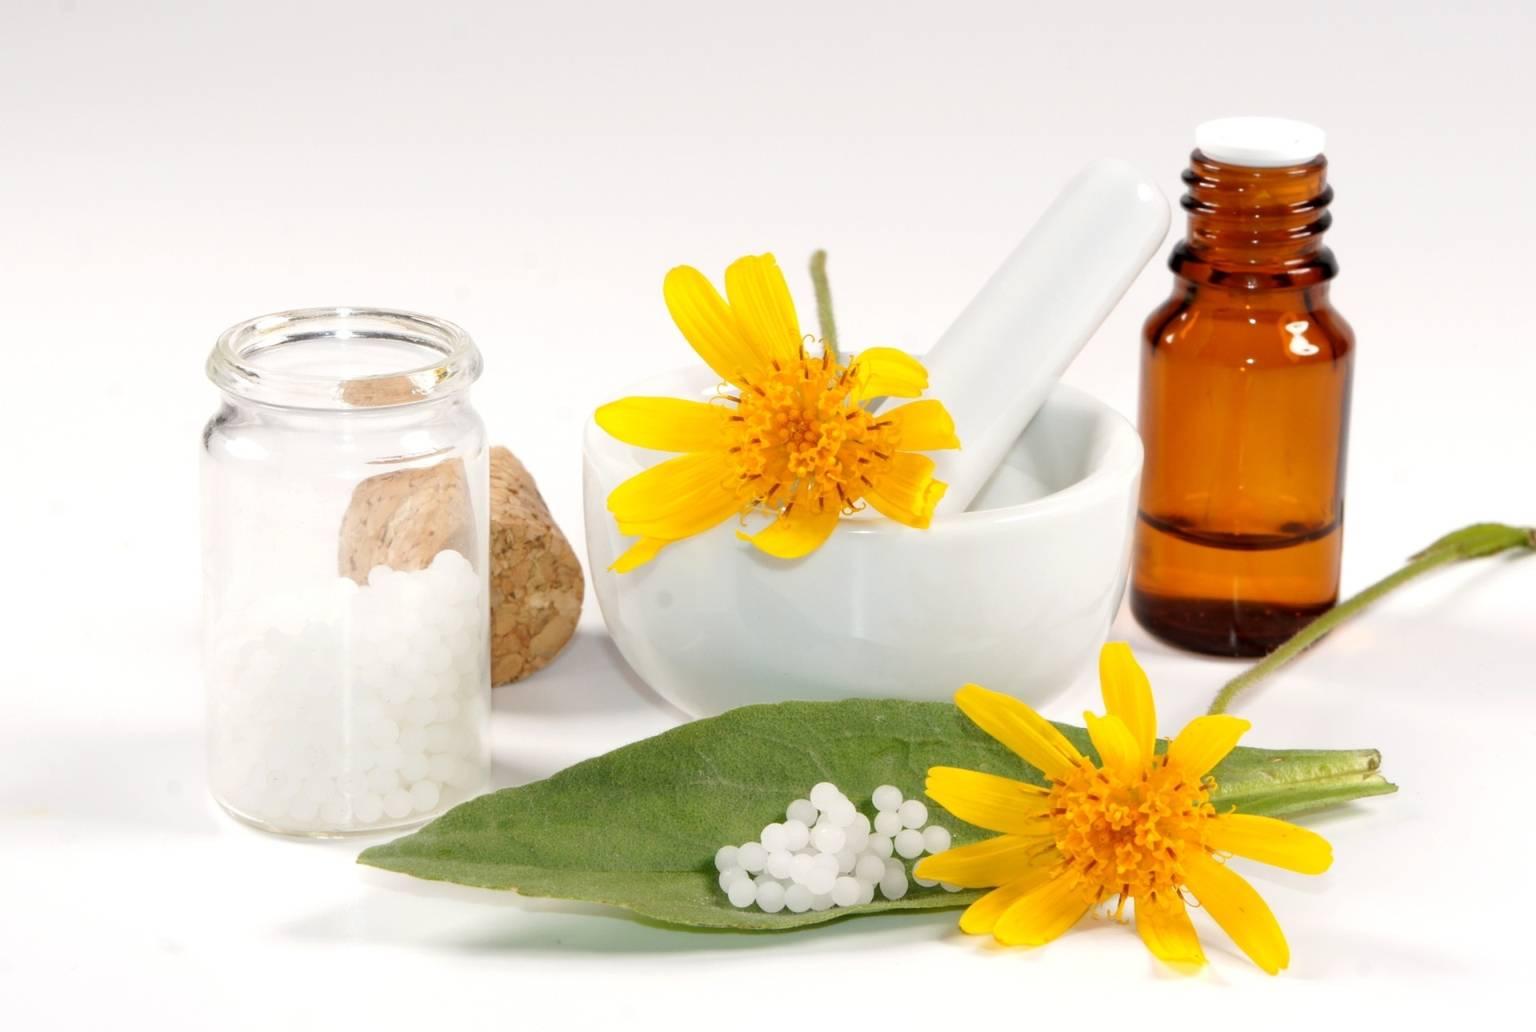 Arnica montana - lek homeopatyczny w granulkach. Moździerz z arniką górską i fiolkami leków na białym tle.